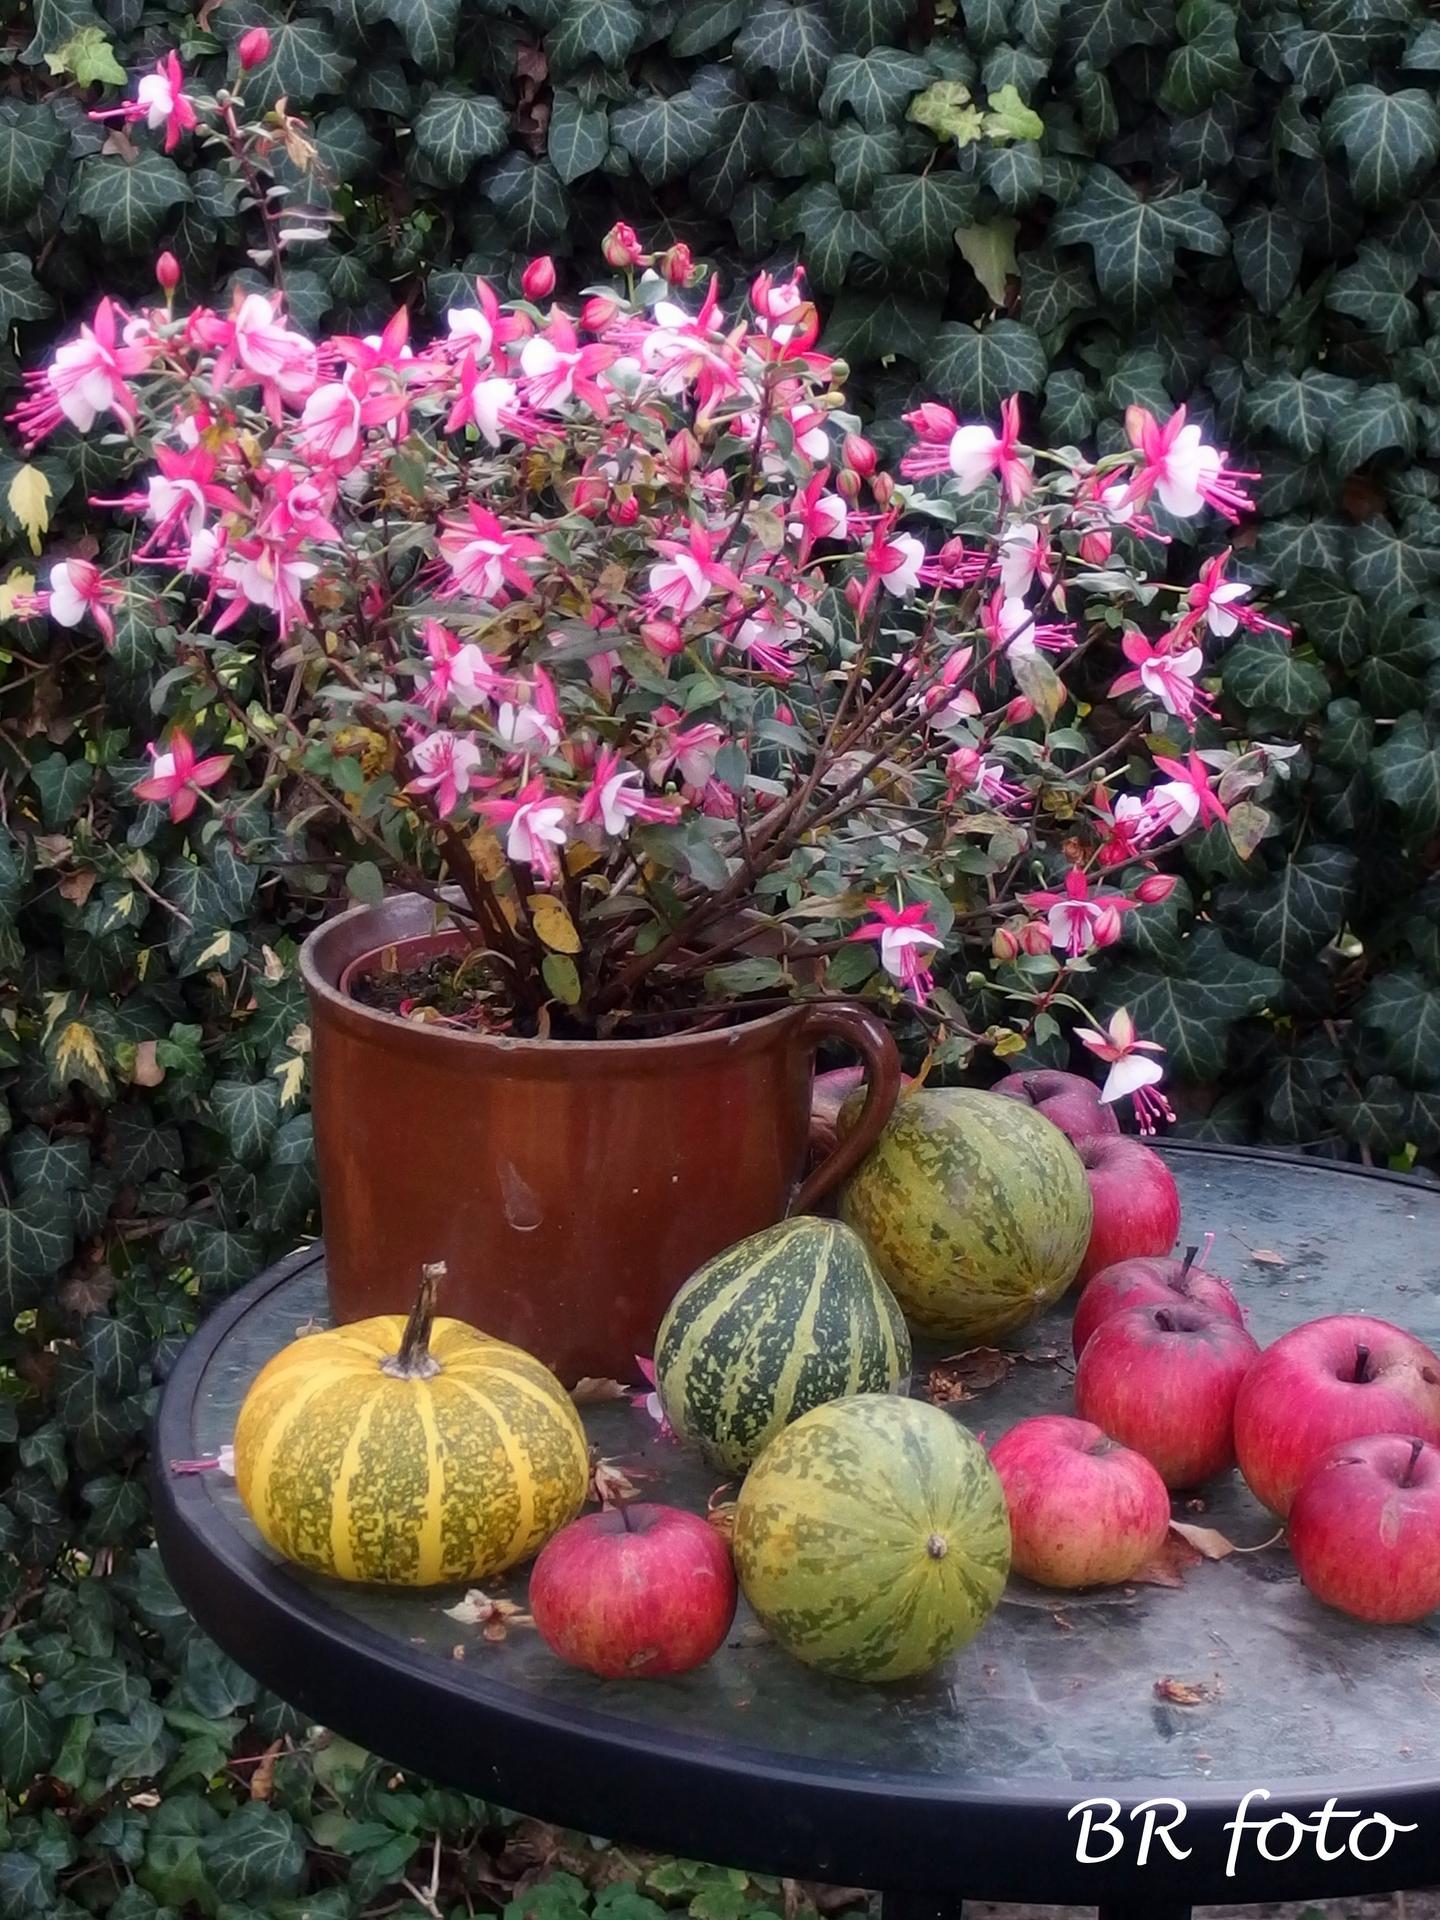 Vítej, podzime.... - fuchsie milují anglické deštivé počasí, proto se jí letos tak daří, kvete bez přestávky od května dosud